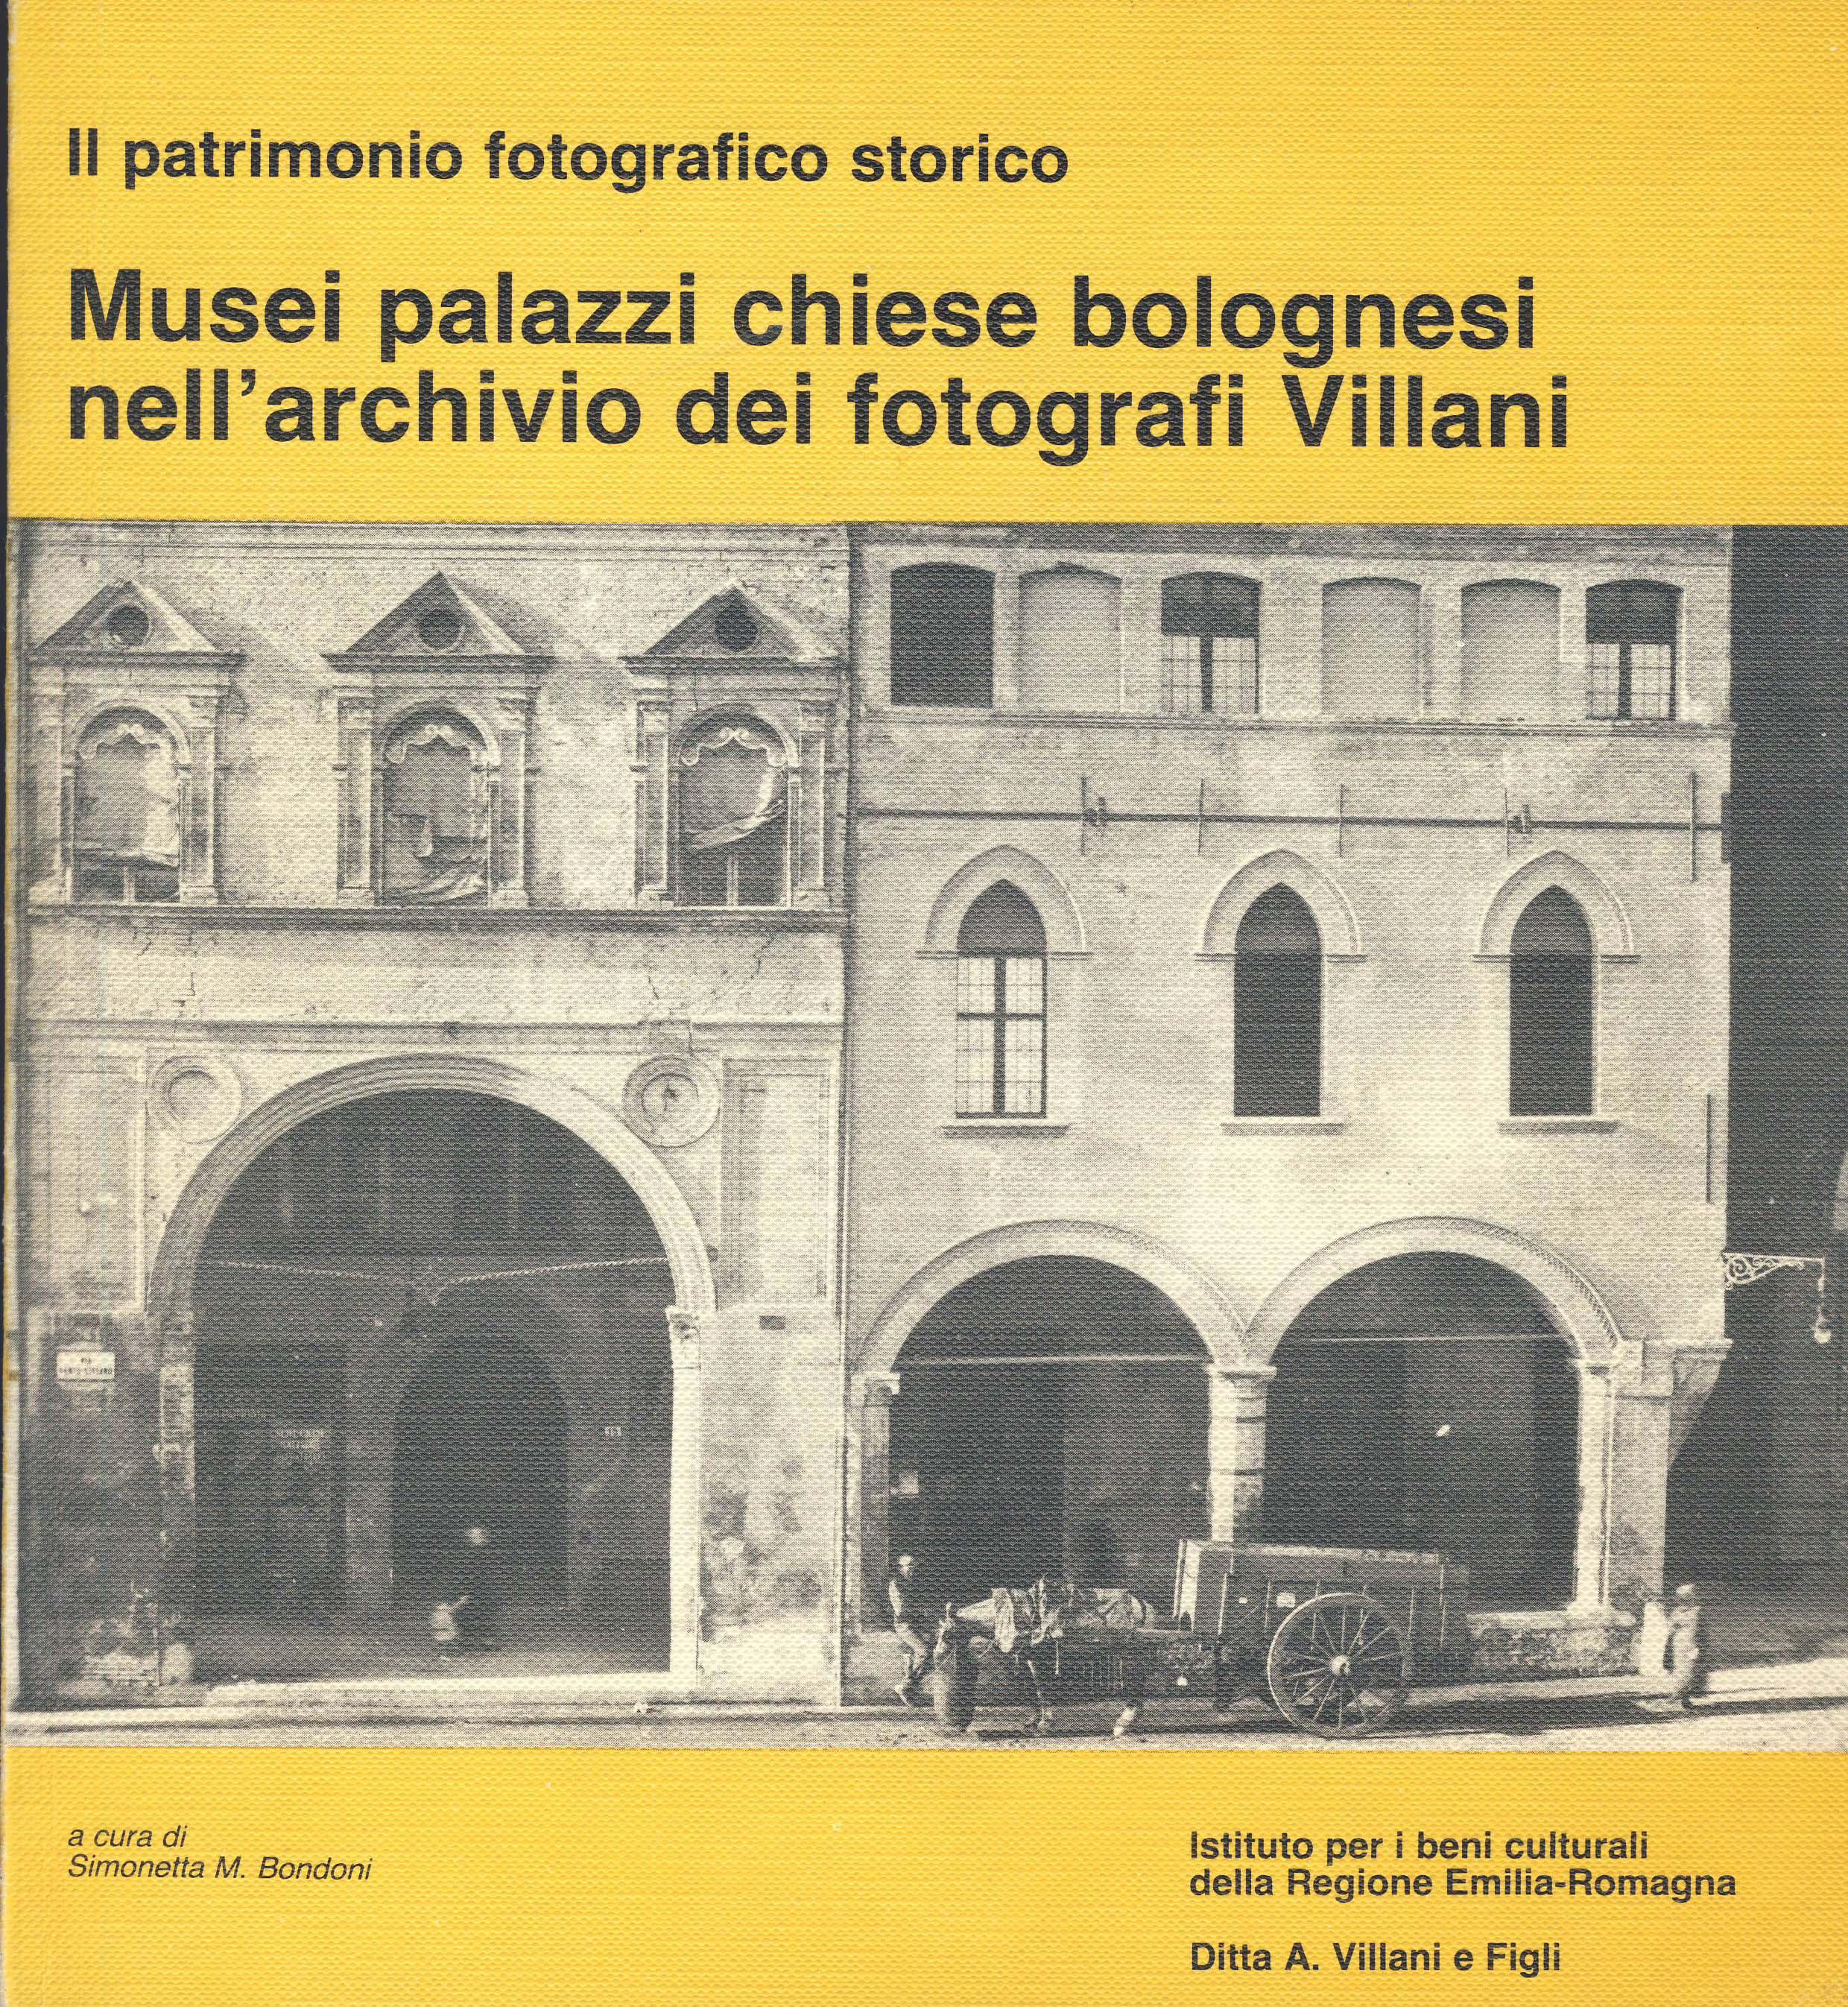 Il patrimonio fotografico storico